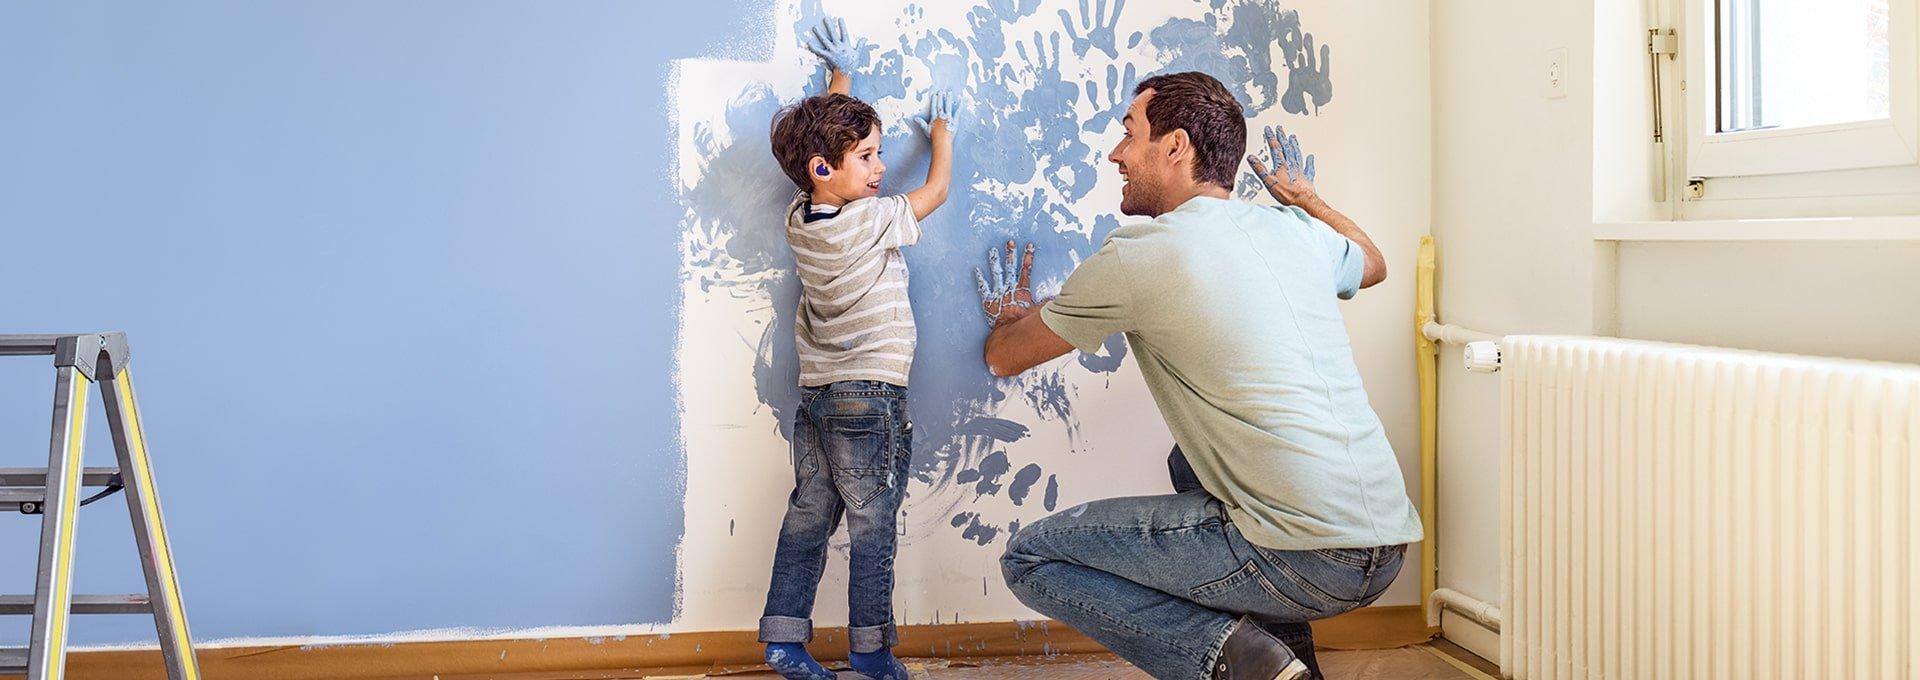 Bernafon Leox Super Power Ultra Power kuulokojeita käyttävät isä ja poika ryhtyvät lisäämään kämmenen jälkiä maalatessaan seinää.